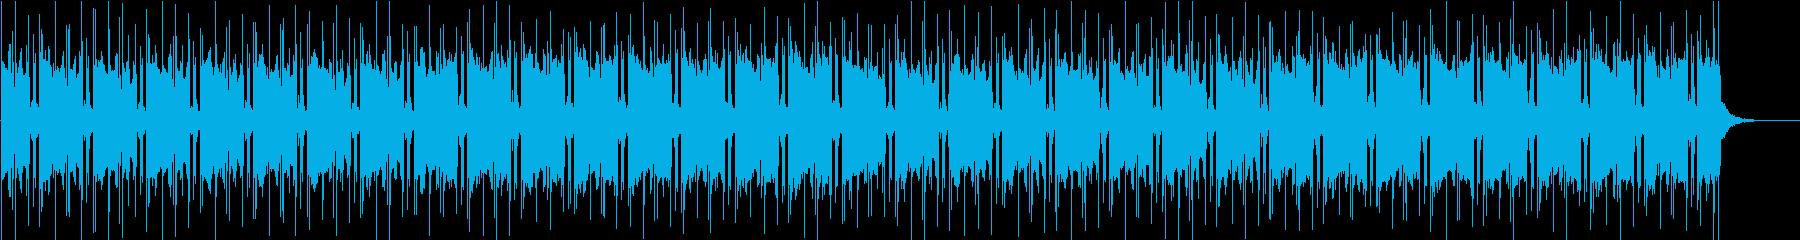 「ちょっとだけよ」風な色っぽいBGMの再生済みの波形